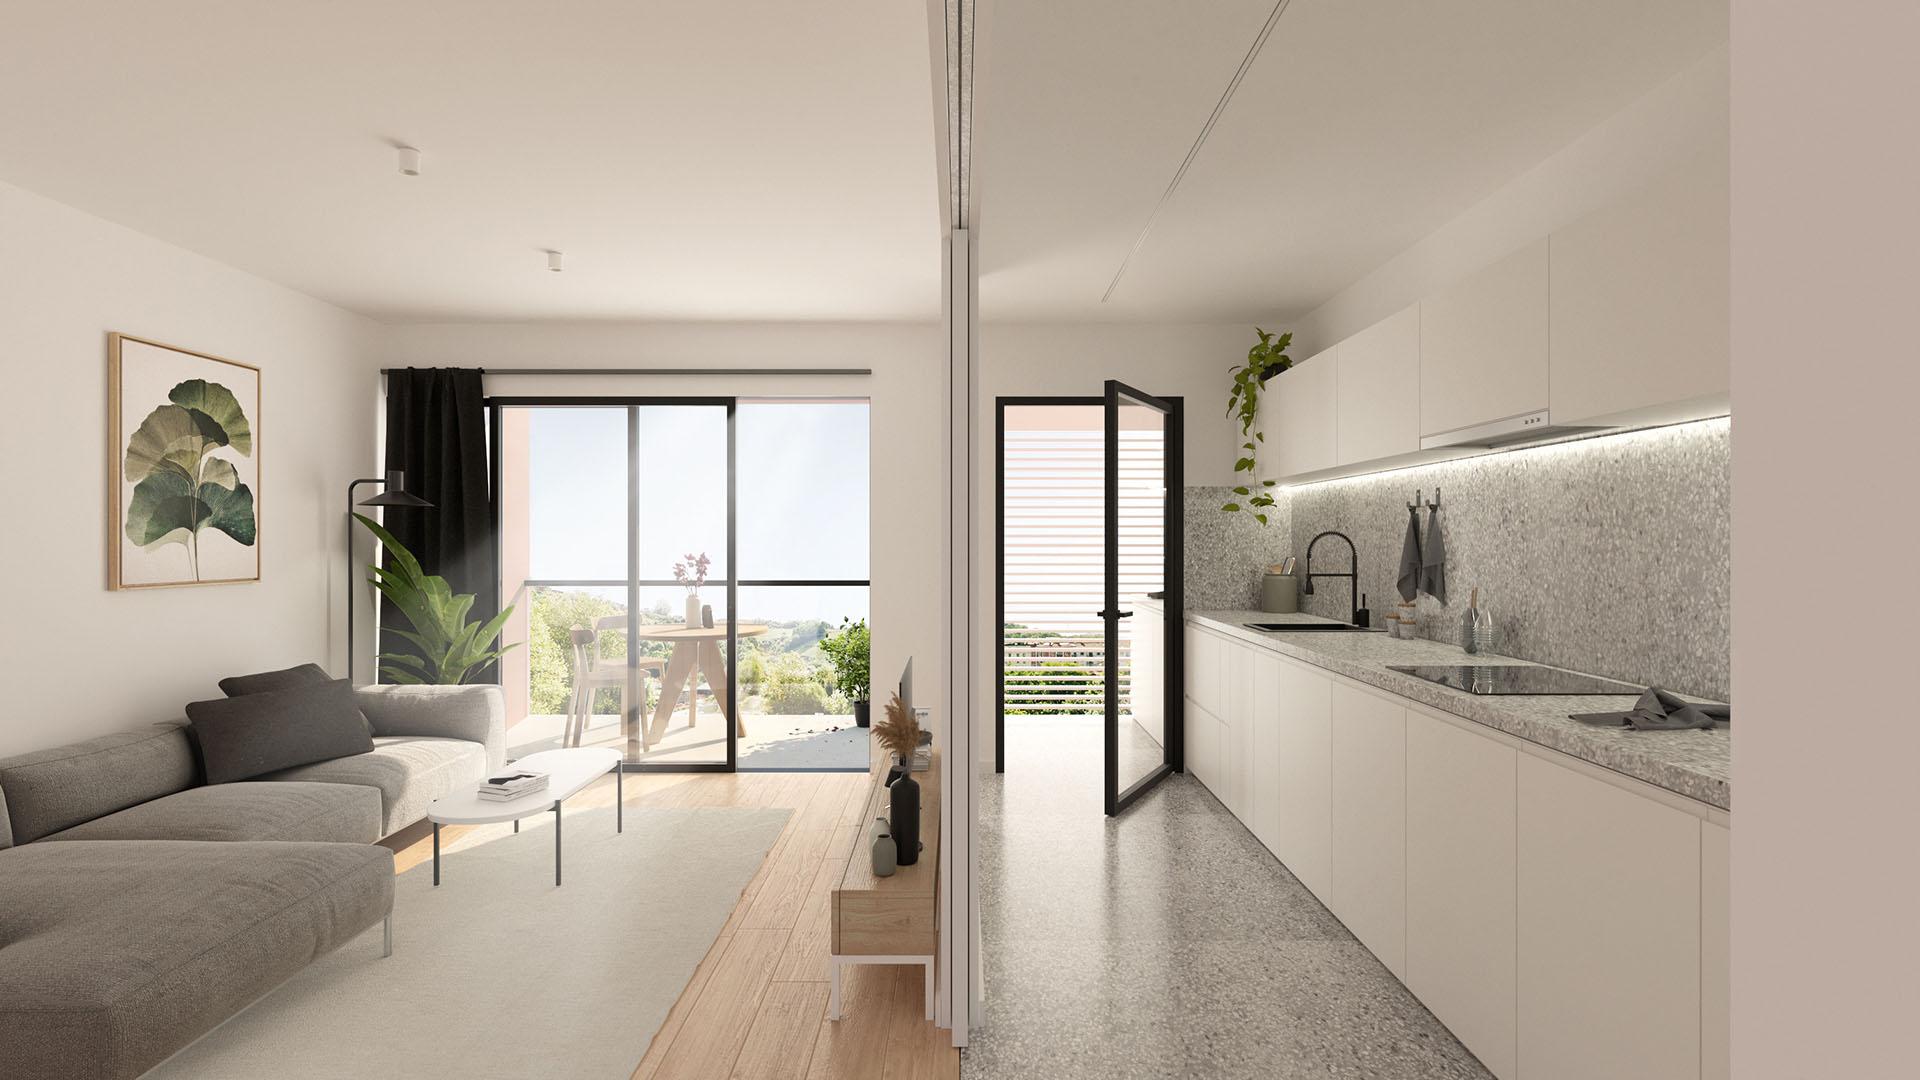 PLAYstudio_Loiola_Donosti_San Sebastian_120 viviendas 04 Interior